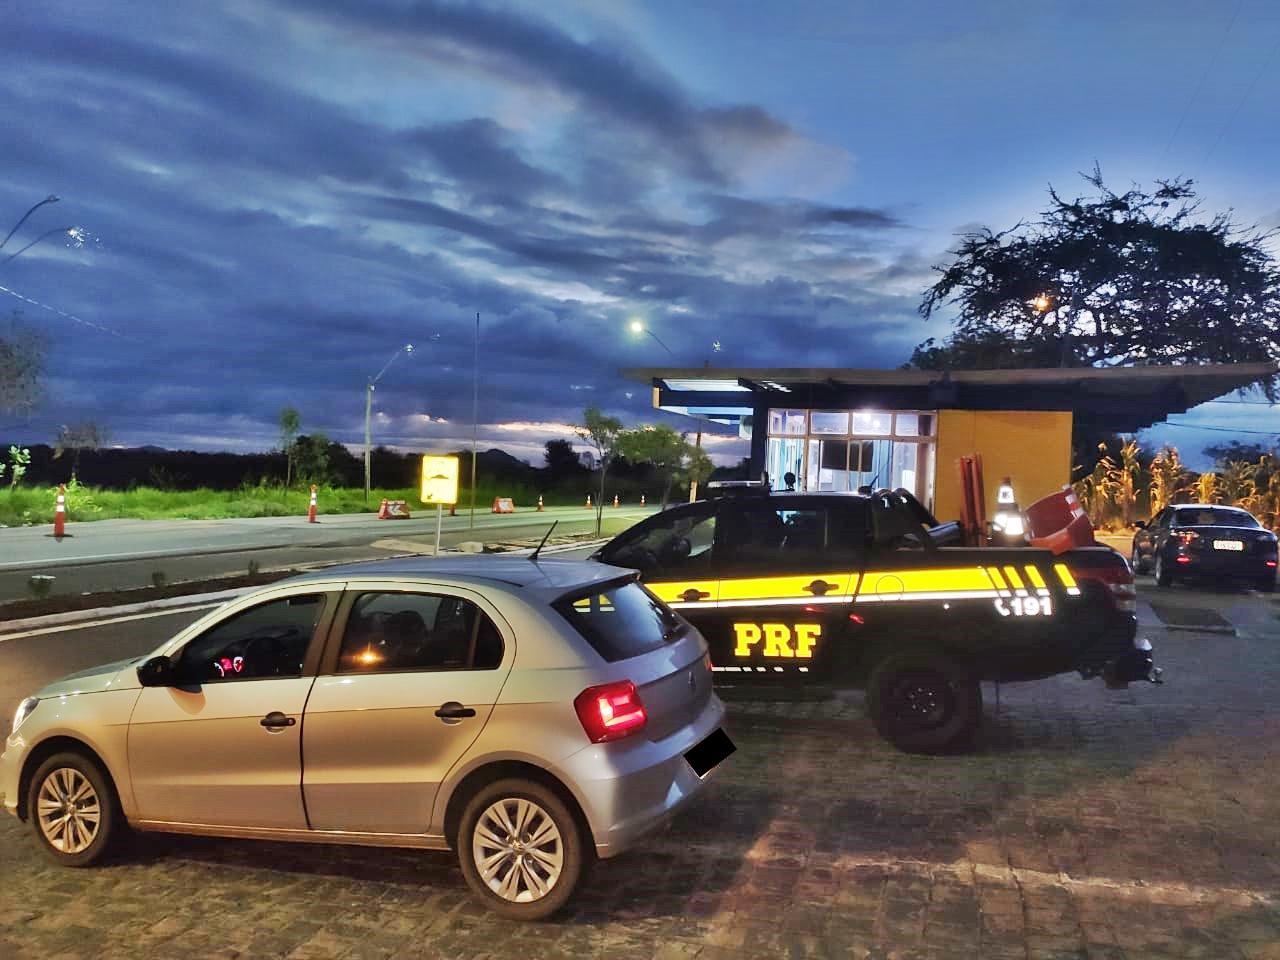 WhatsApp Image 2020 05 22 at 09.16.39 - Dois carro e duas motocicletas roubadas são recuperadas após fiscalização da PRF, na Paraíba